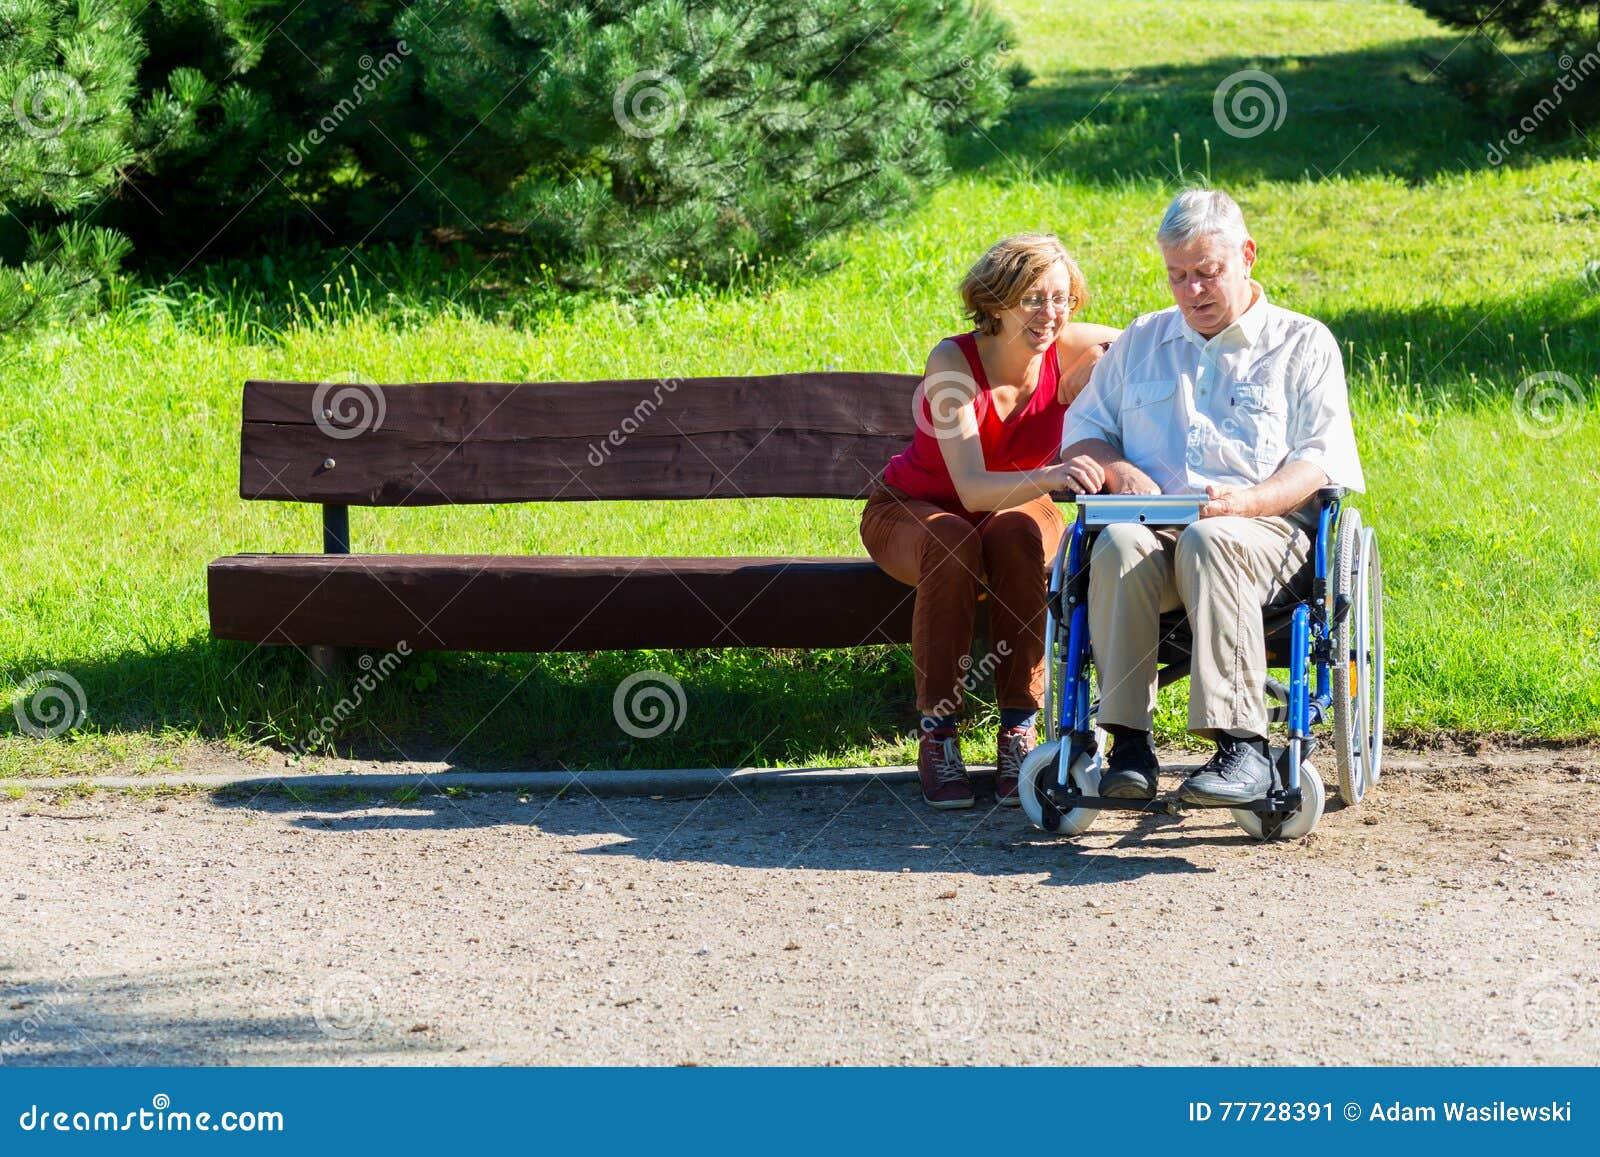 oude man met jonge vrouw